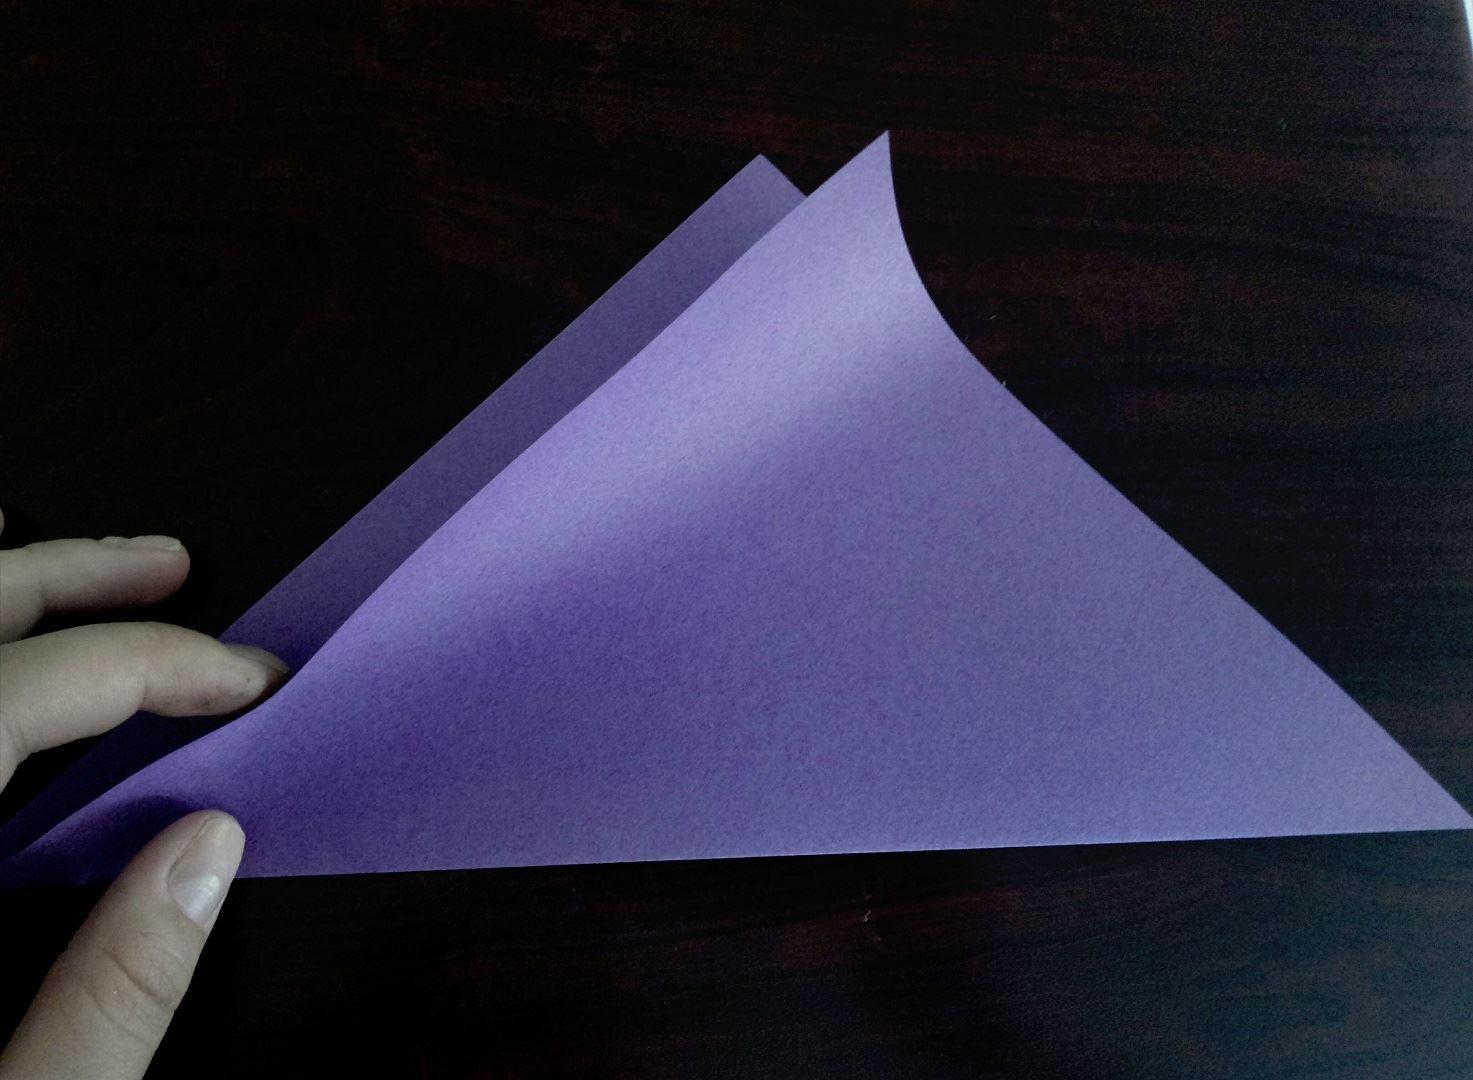 Сгибаем , лист бумаги квадратной формы , по диагонали пополам. Согните сложенный лист еще раз пополам, только совсем слегка, исключительно для того, чтобы наметить среднюю линию. Так вам будет легче в дальнейшем сделать мордочку кошки симметричной.